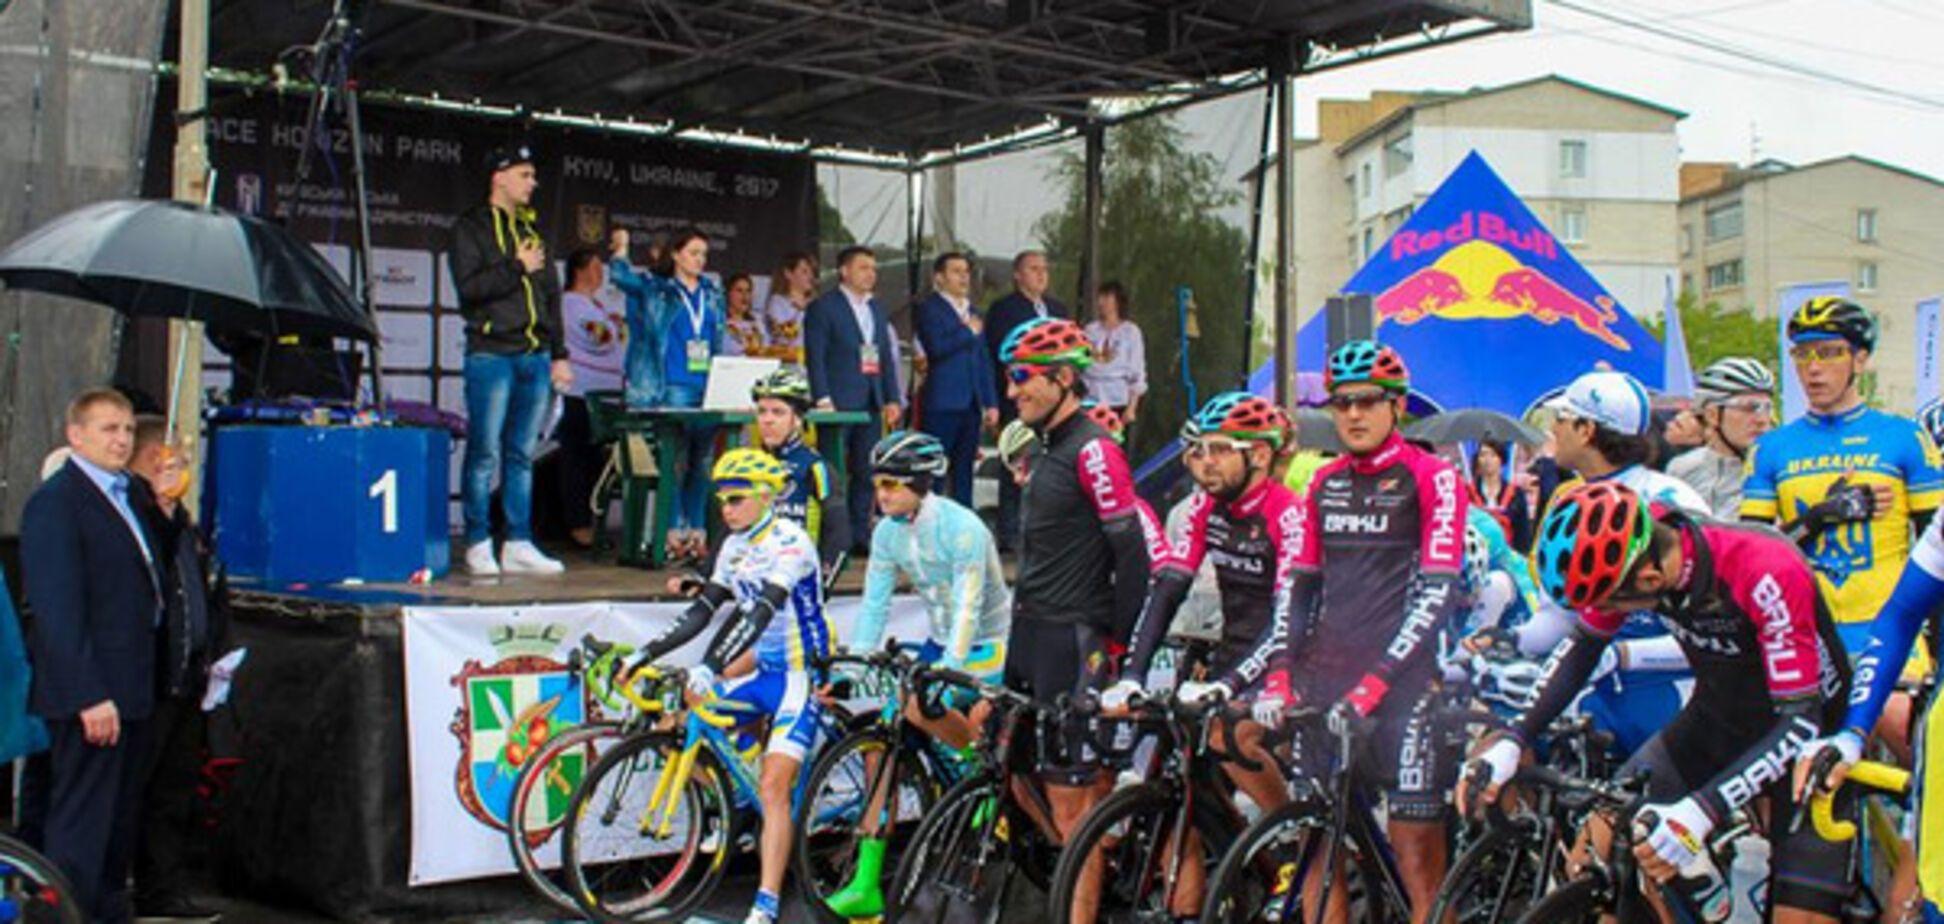 Велогонкой мира в Чабанах открылась серия международных велогонок Race Horizon Park 2017